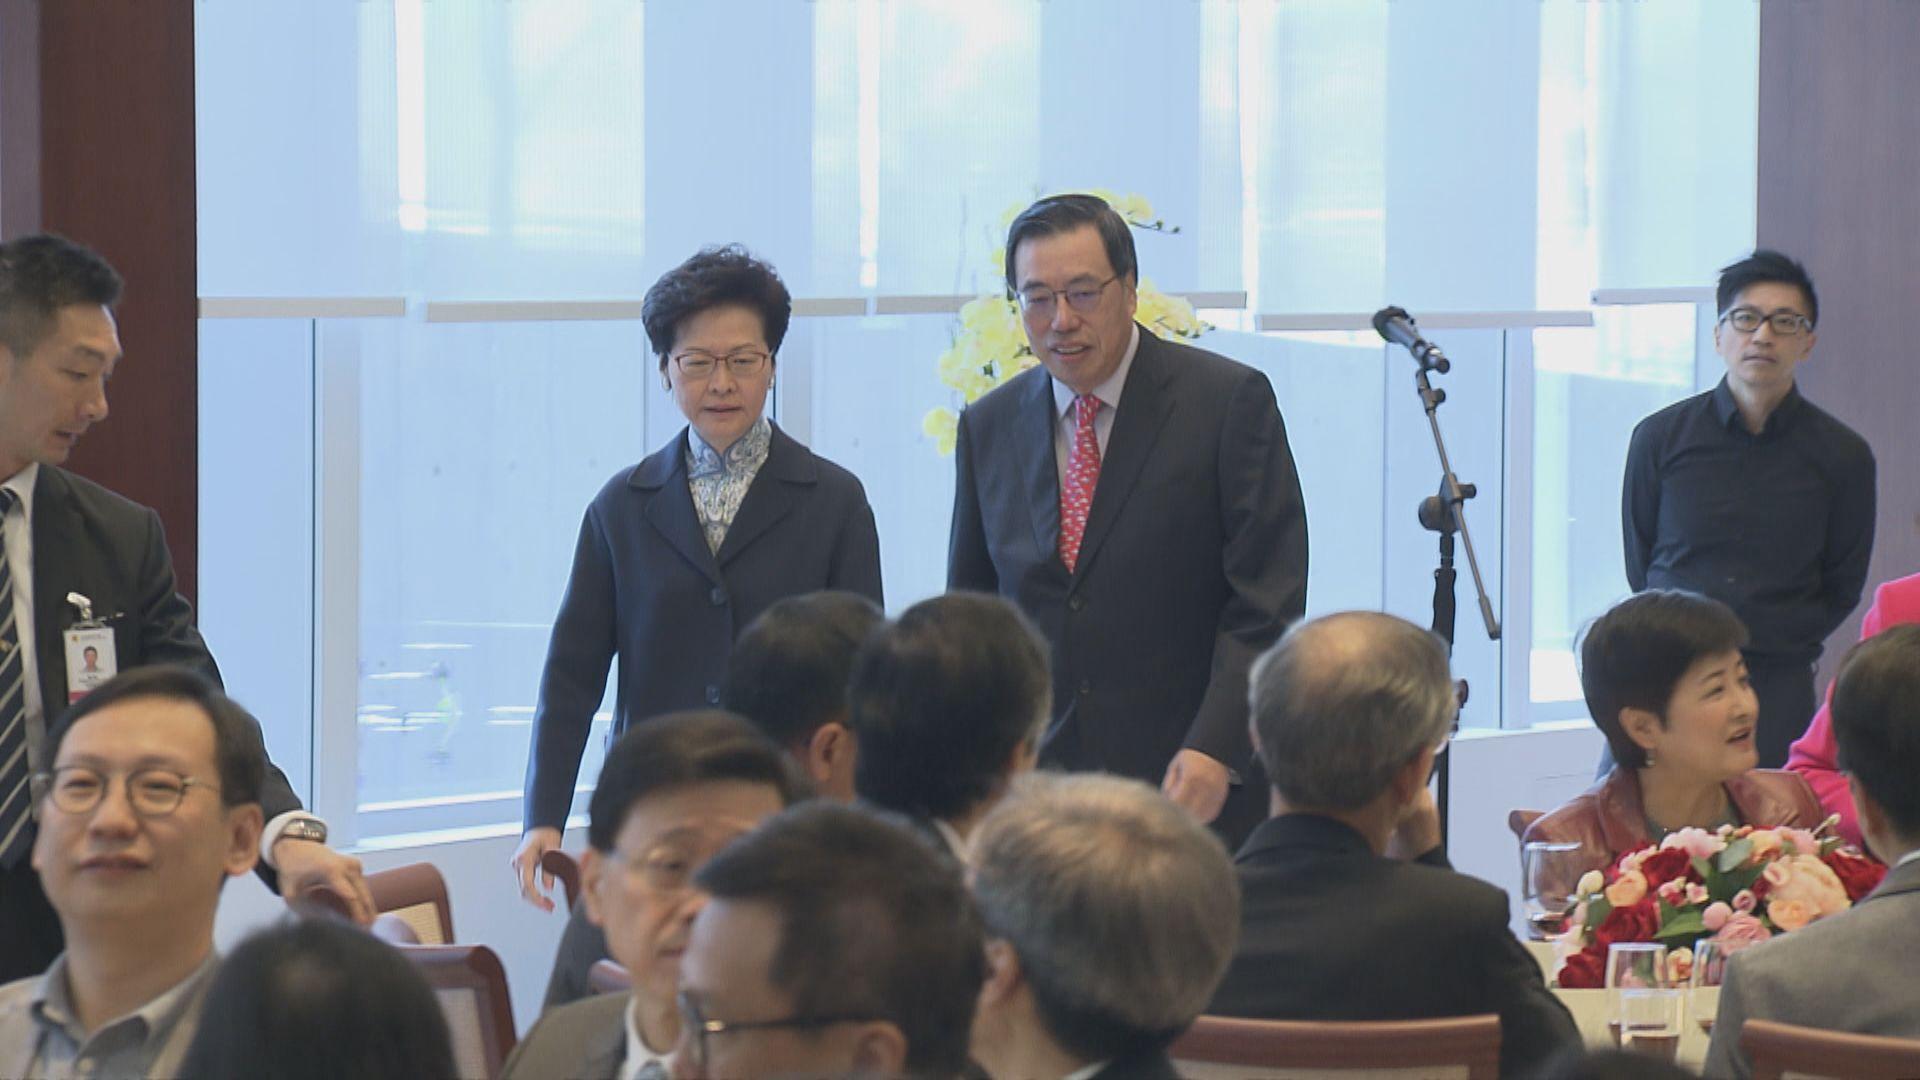 林鄭月娥率官員與立法會議員午宴